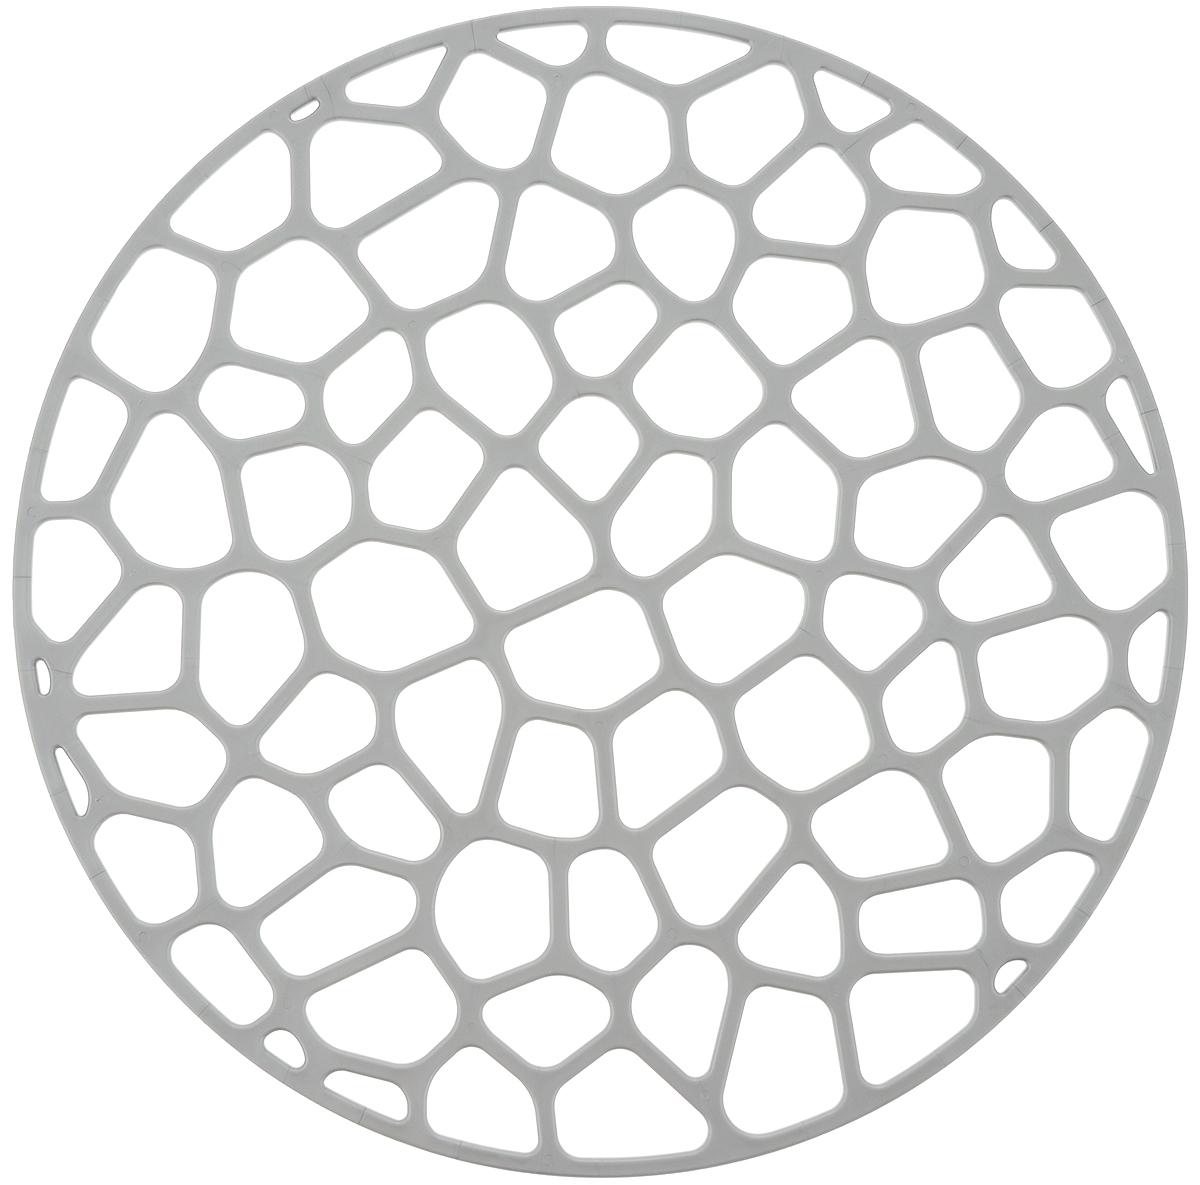 """Коврик для раковины """"Idea"""", изготовленный из полипропилена, одновременно выполняет несколько функций: - украшает, предотвращает появление на раковине царапин и сколов;- защищает посуду от повреждений при падении в раковину;-  удерживает мусор, попадание которого в слив приводит к засорам. Коврик также обладает противоскользящим эффектом и может использоваться в качестве подставки для сушки чистой посуды. Легко очищается от грязи и жира.Диаметр: 30 см."""